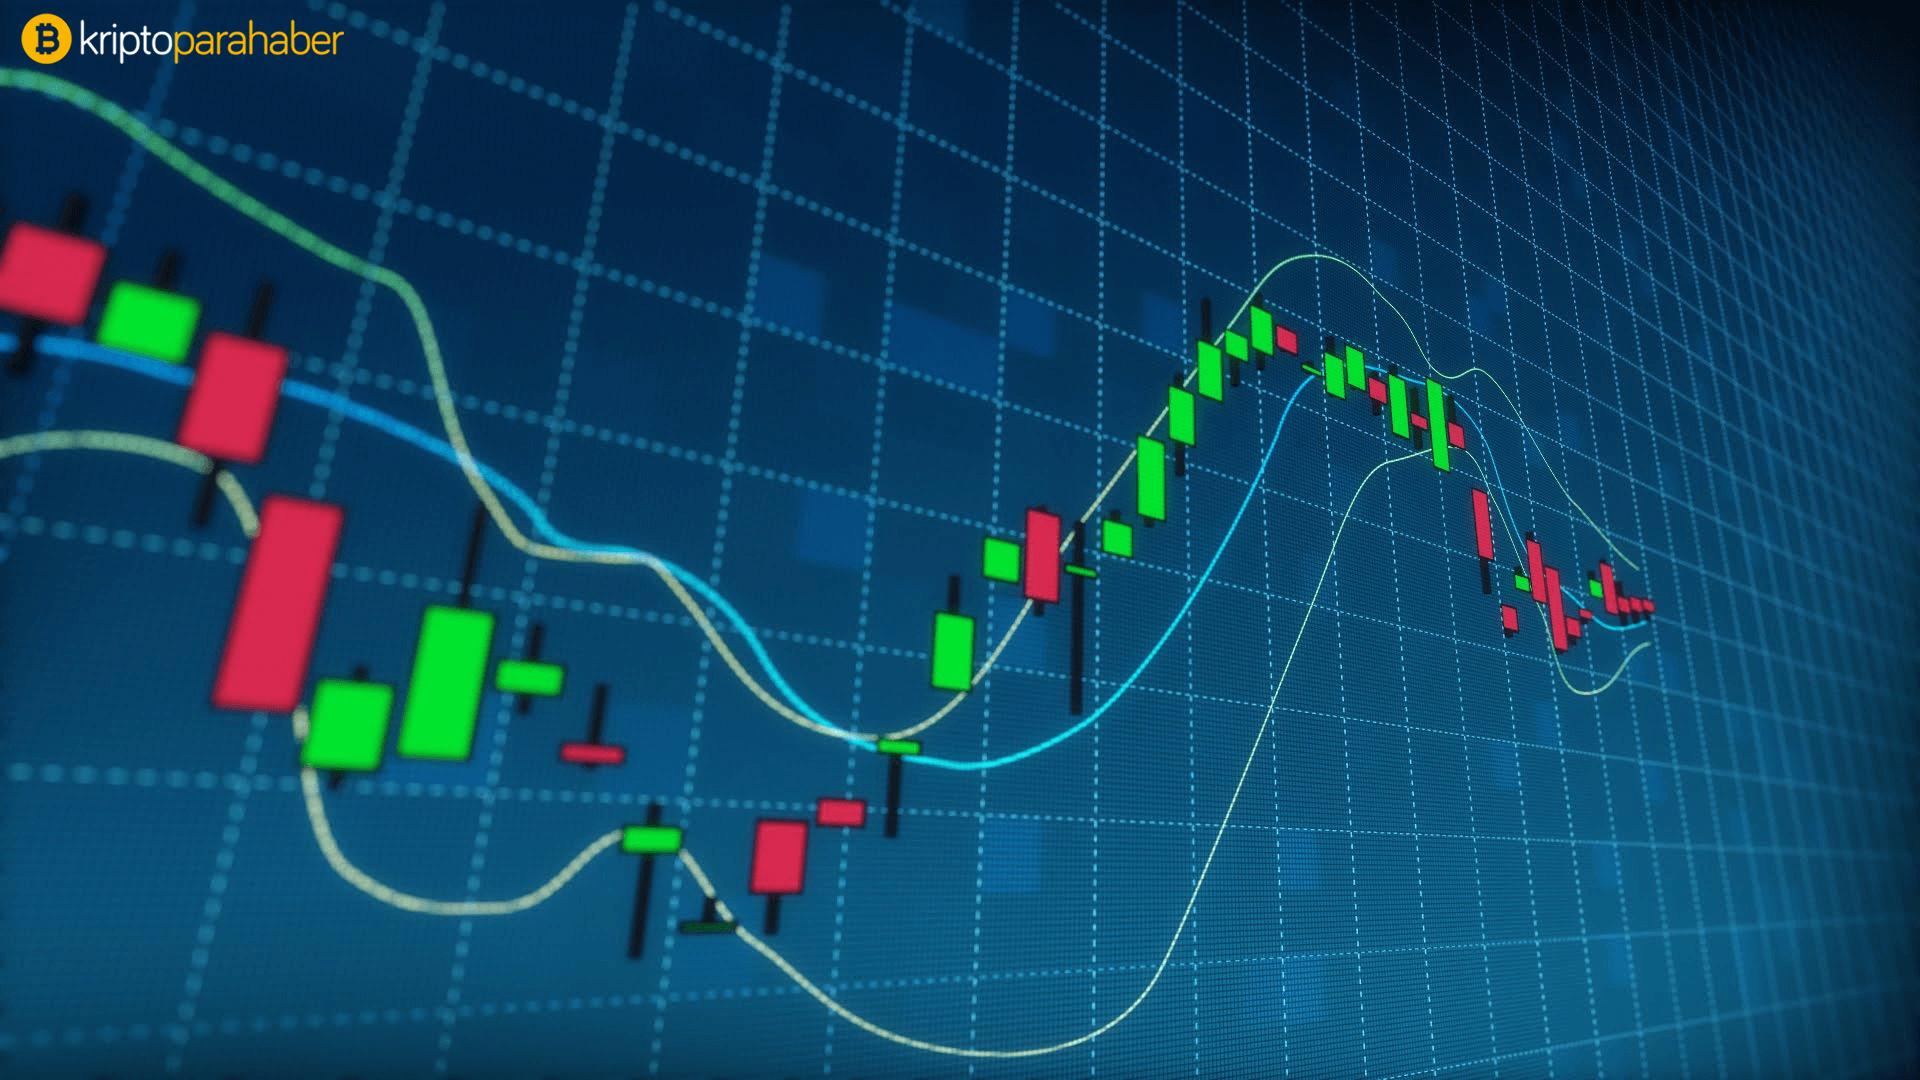 7 Eylül Ripple fiyat analizi: XRP için beklenen seviyeler